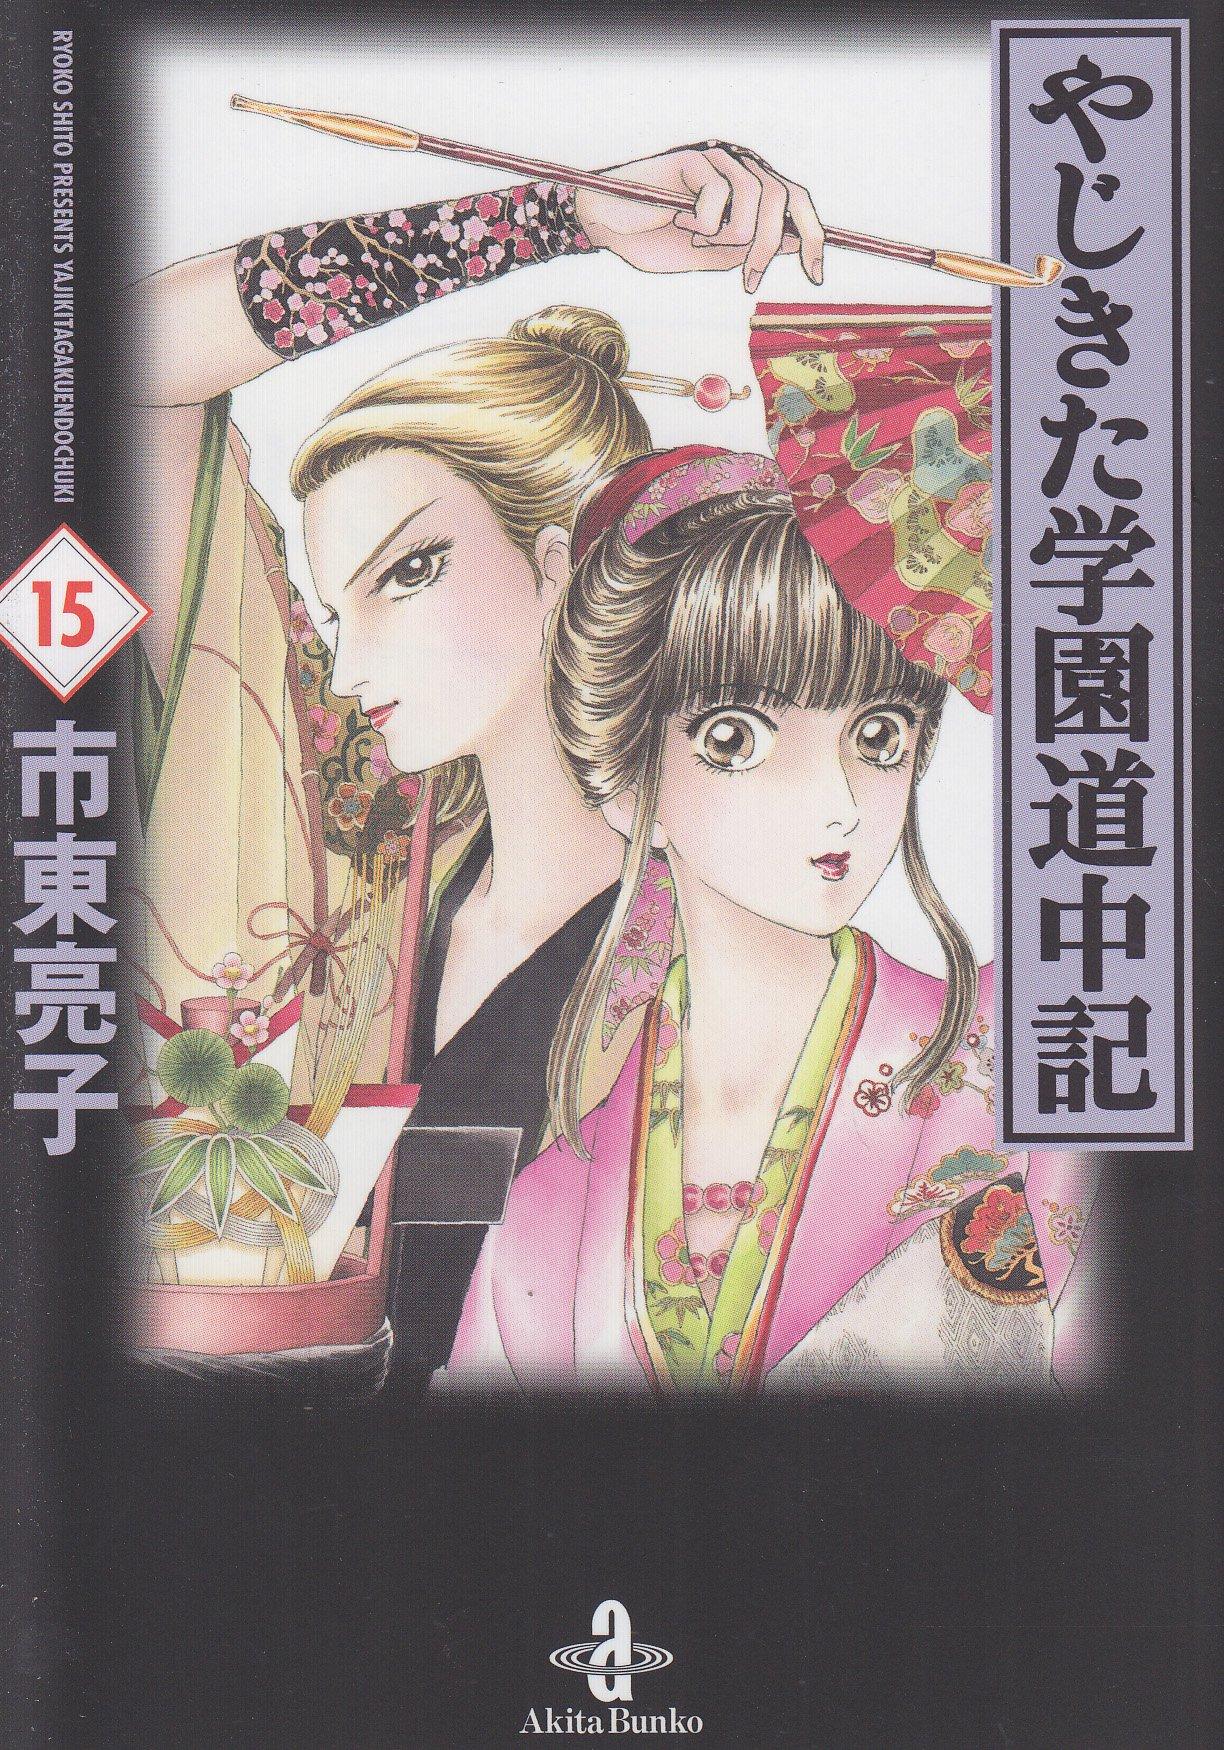 やじきた学園道中記 15 (秋田文庫 26-31) pdf epub